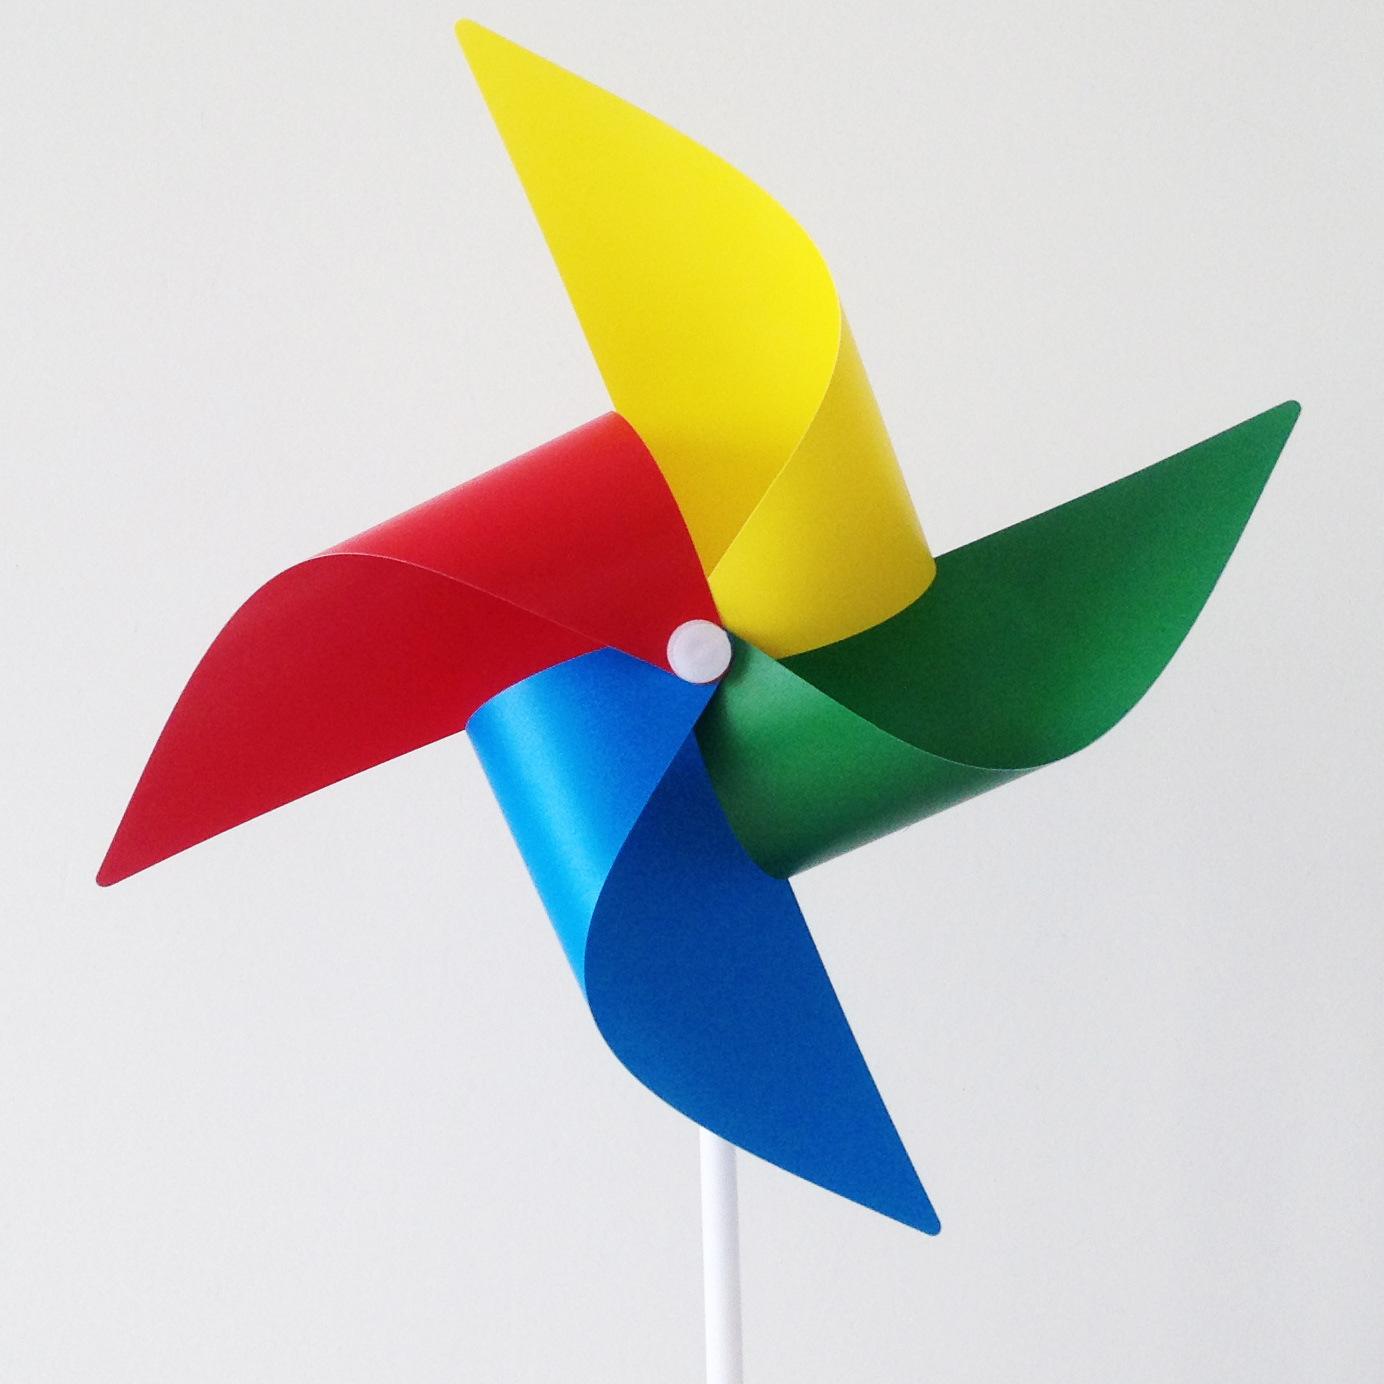 儿童玩具创意四色印刷风车广告宣传四角纯色风车定制logo批发装饰